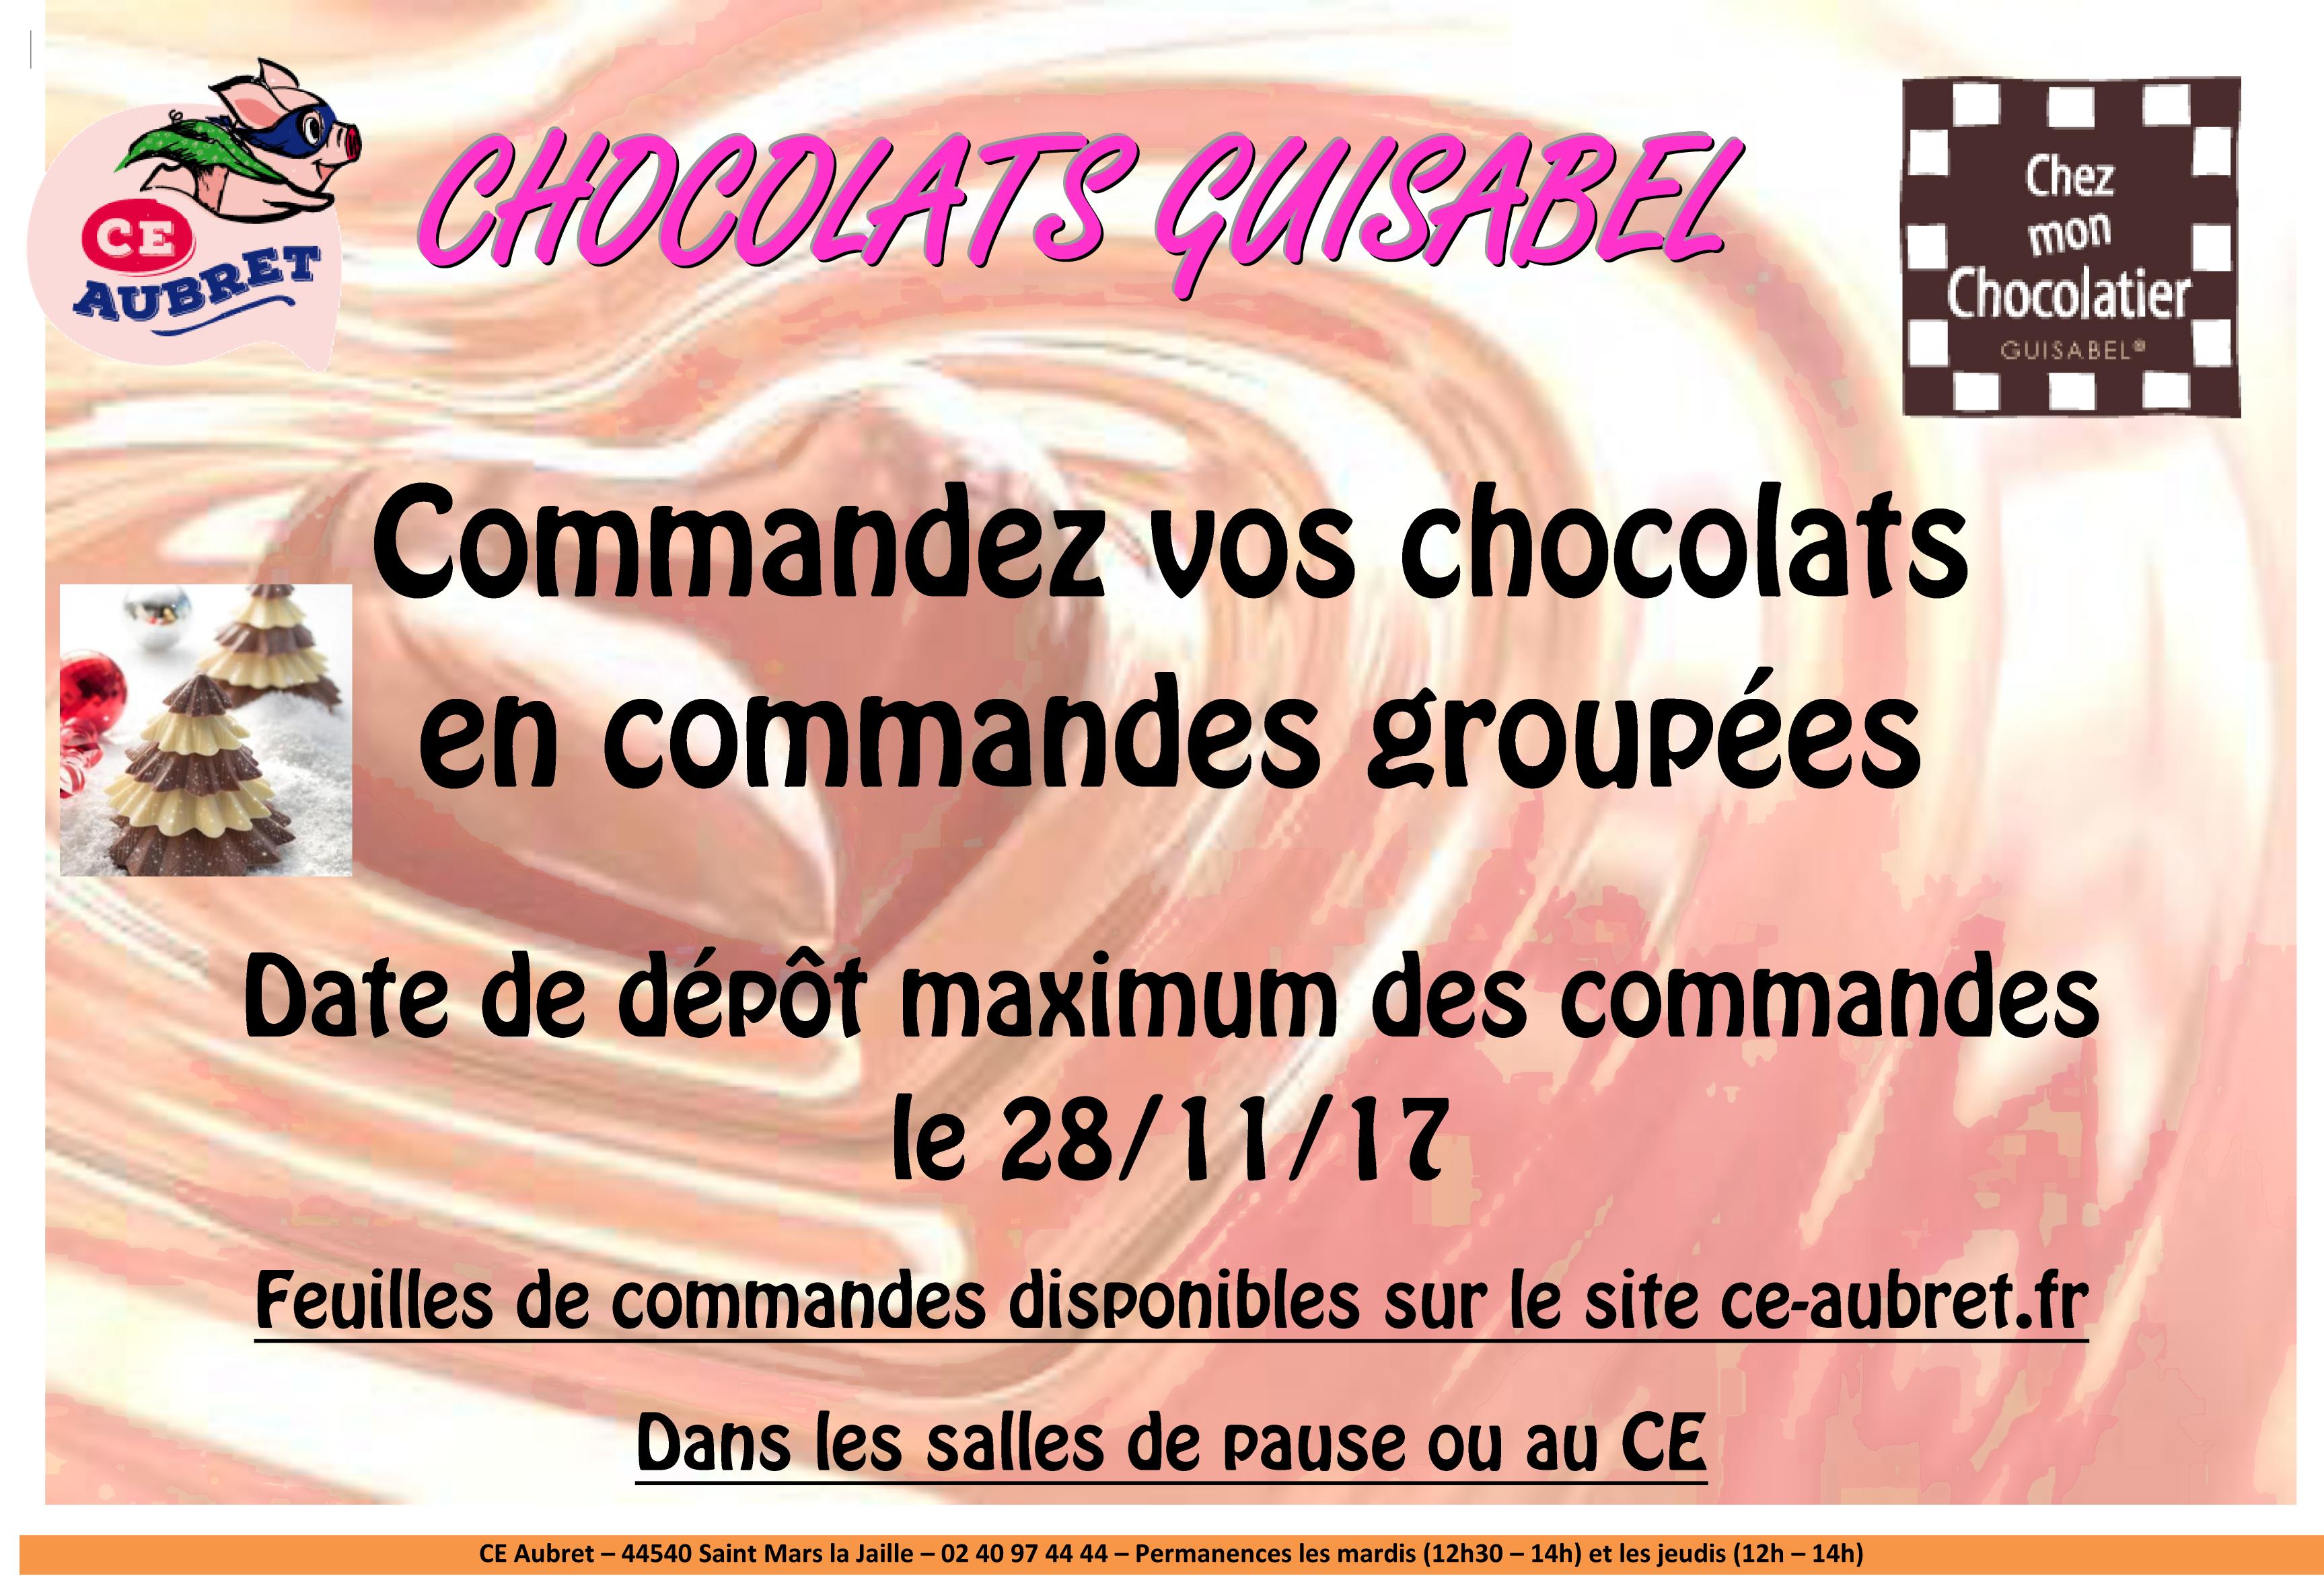 CHOCOLATS GUISABEL